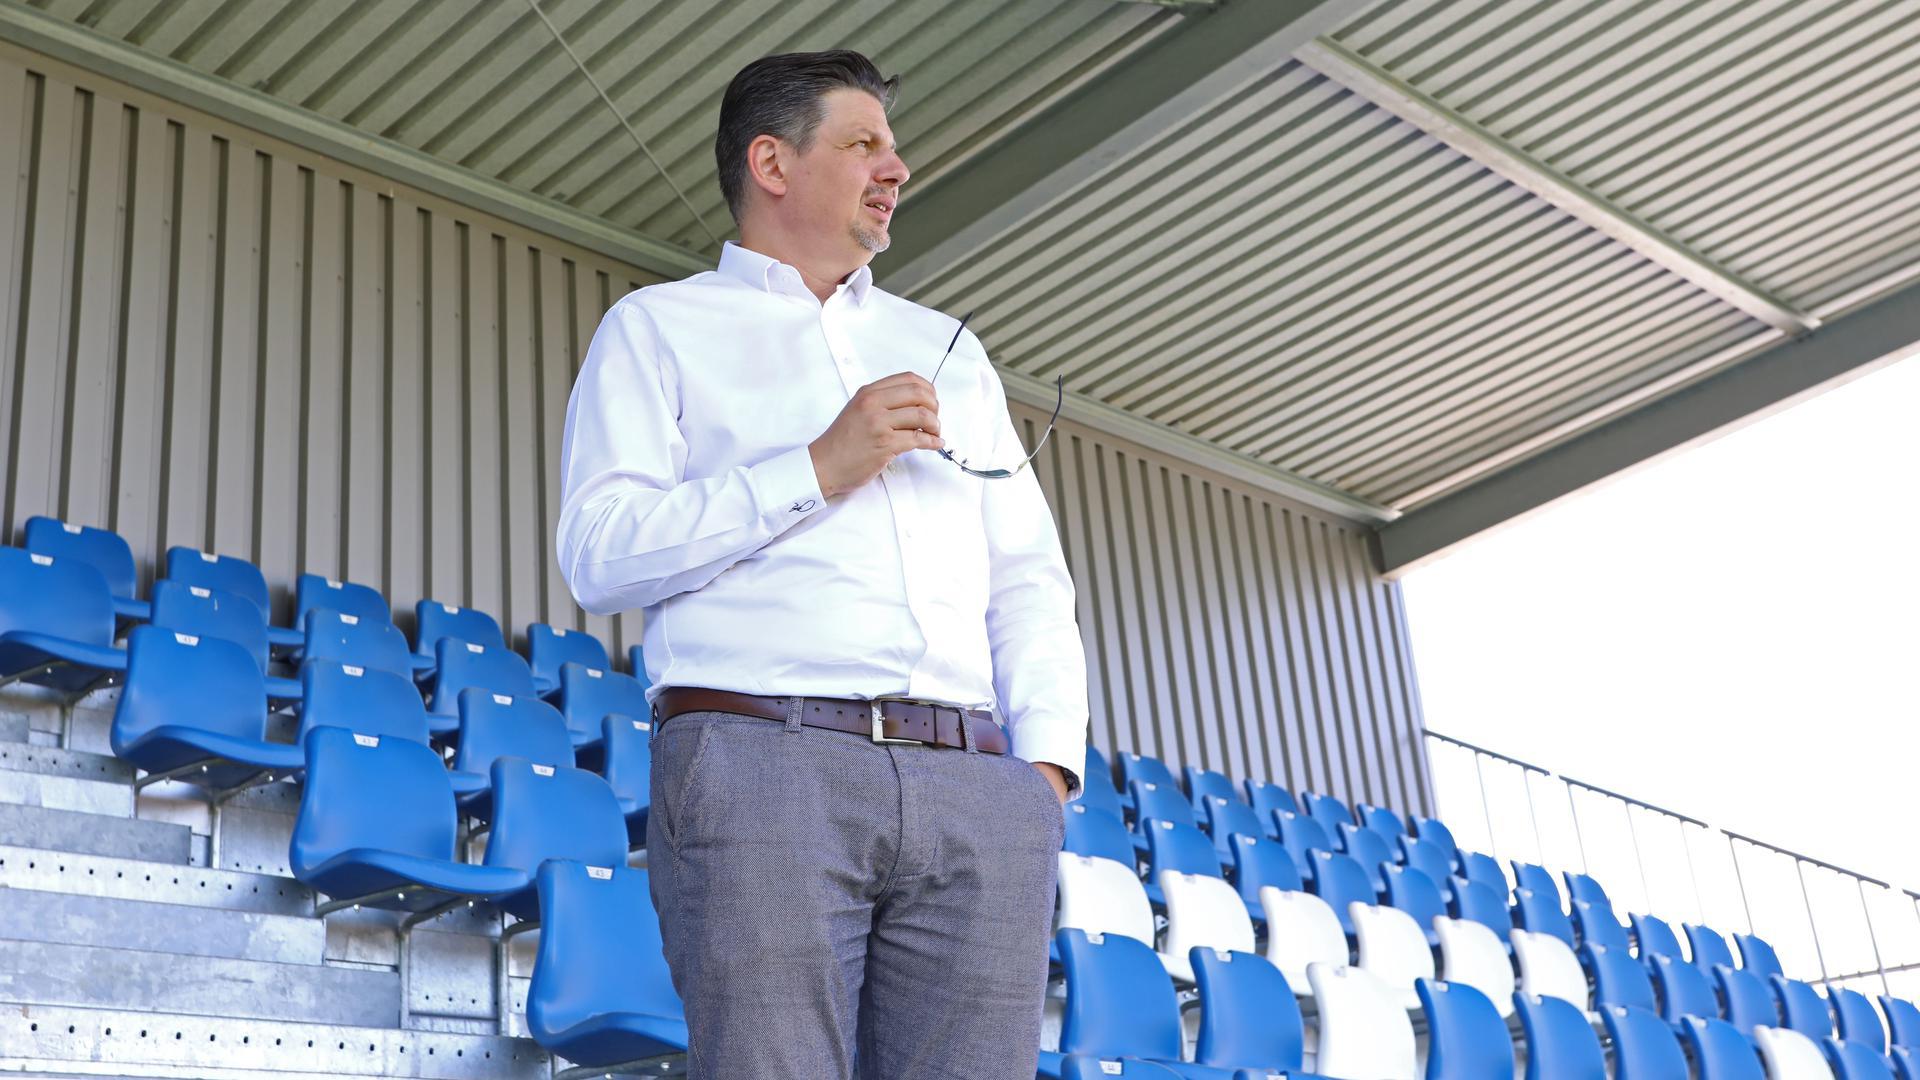 Die nächsten Fußballfeste im Blick: Der Vereinsvorsitzende Markus Geiser hat noch einiges vor mit dem 1. CfR Pforzheim. Das Stadion im Brötzinger Tal ist dabei ein wichtiger Baustein des Konzepts.